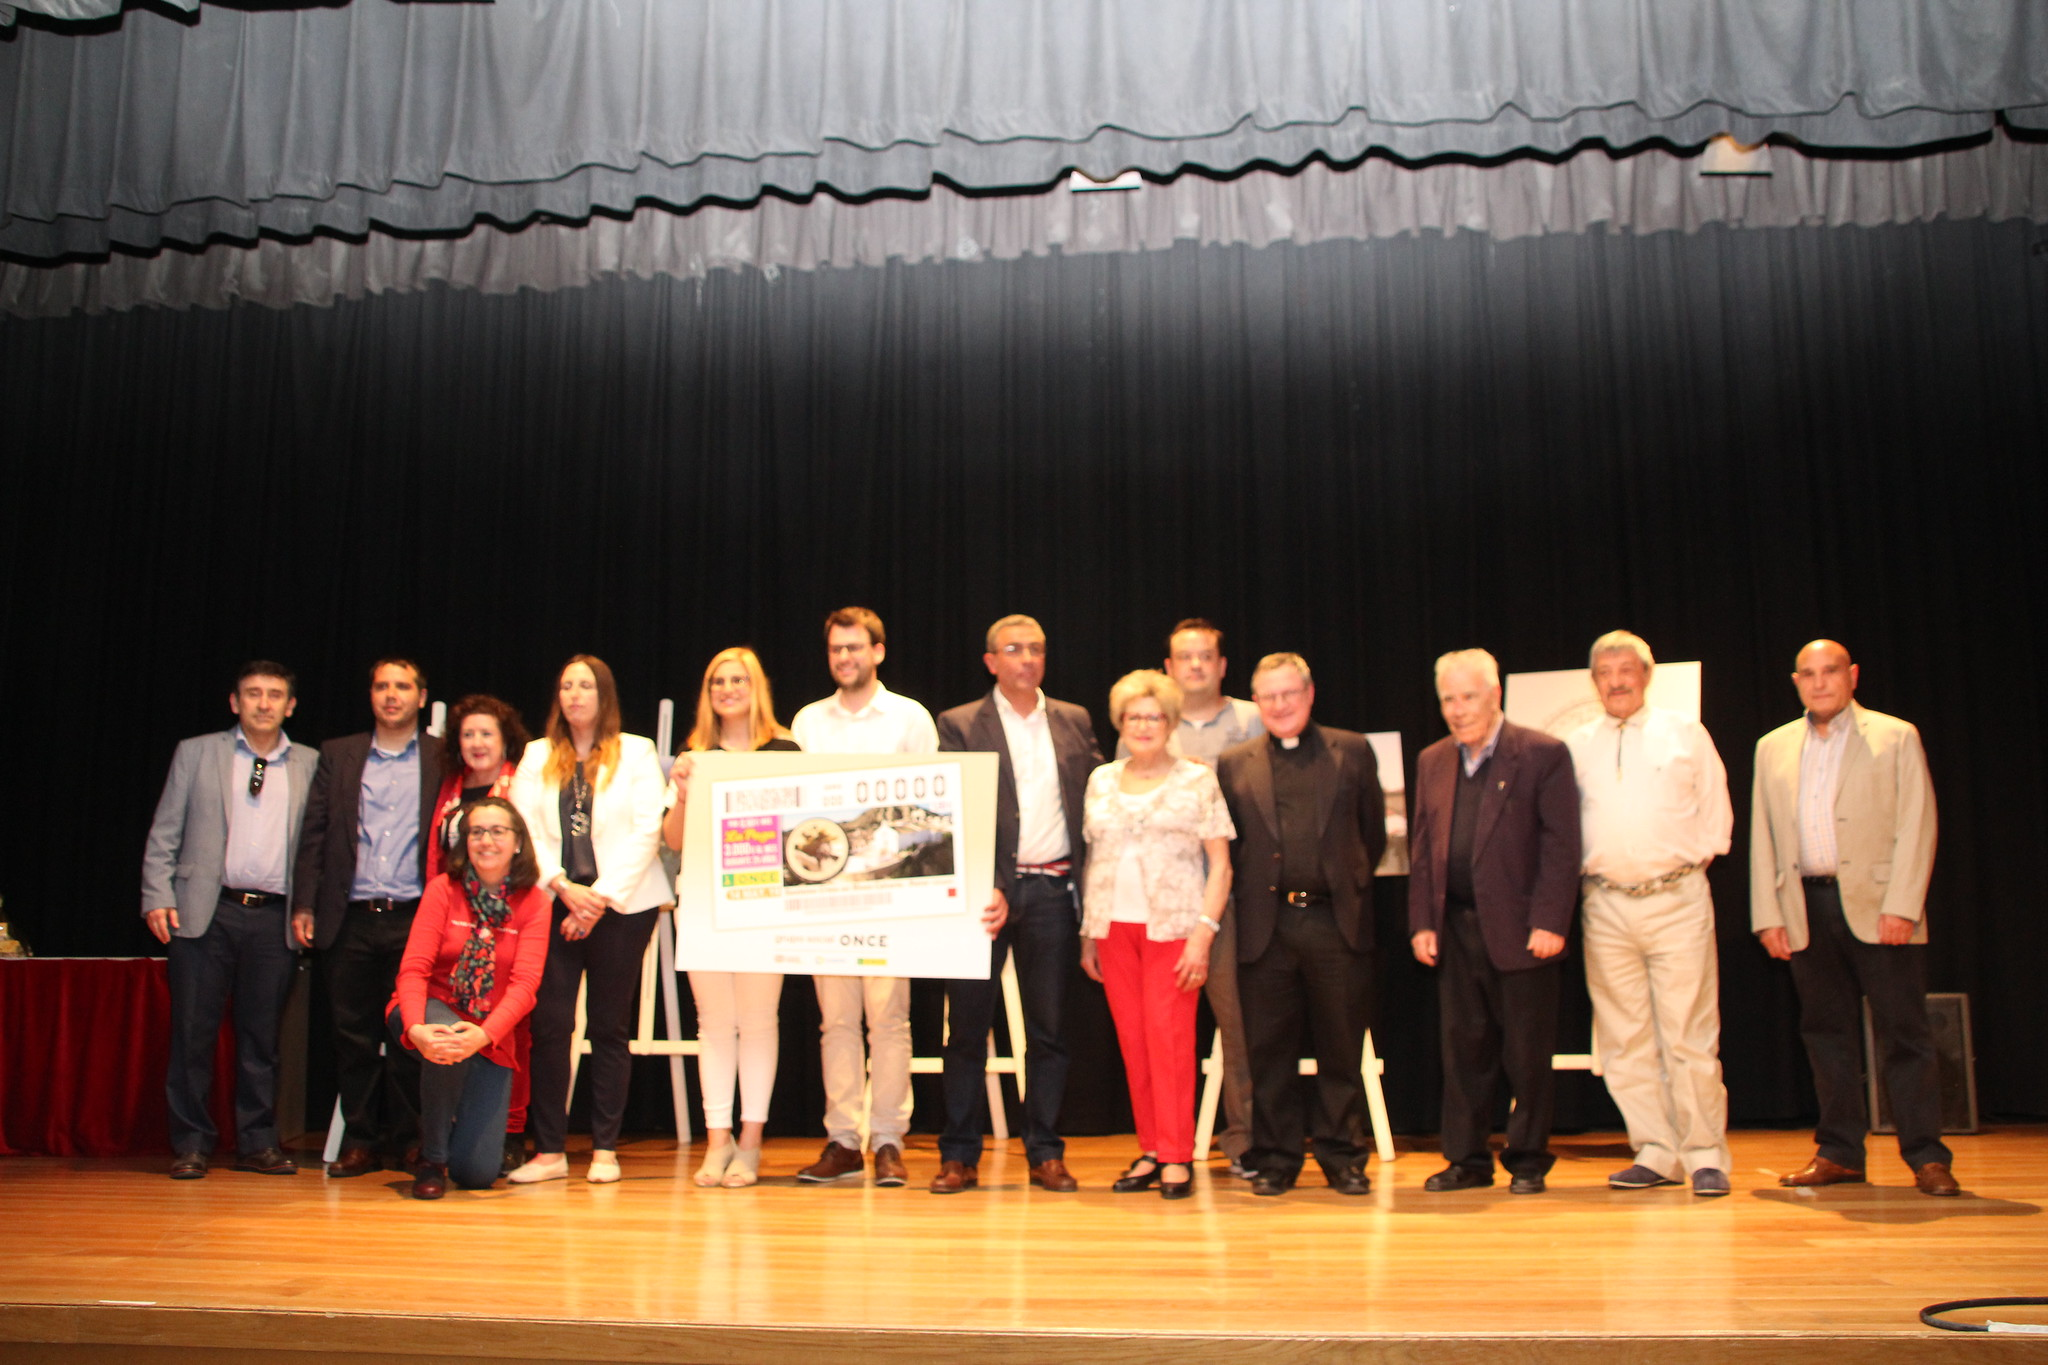 (2019-05-10) - Gala Clausura 75 aniversario - Javier Romero Ripoll (096)